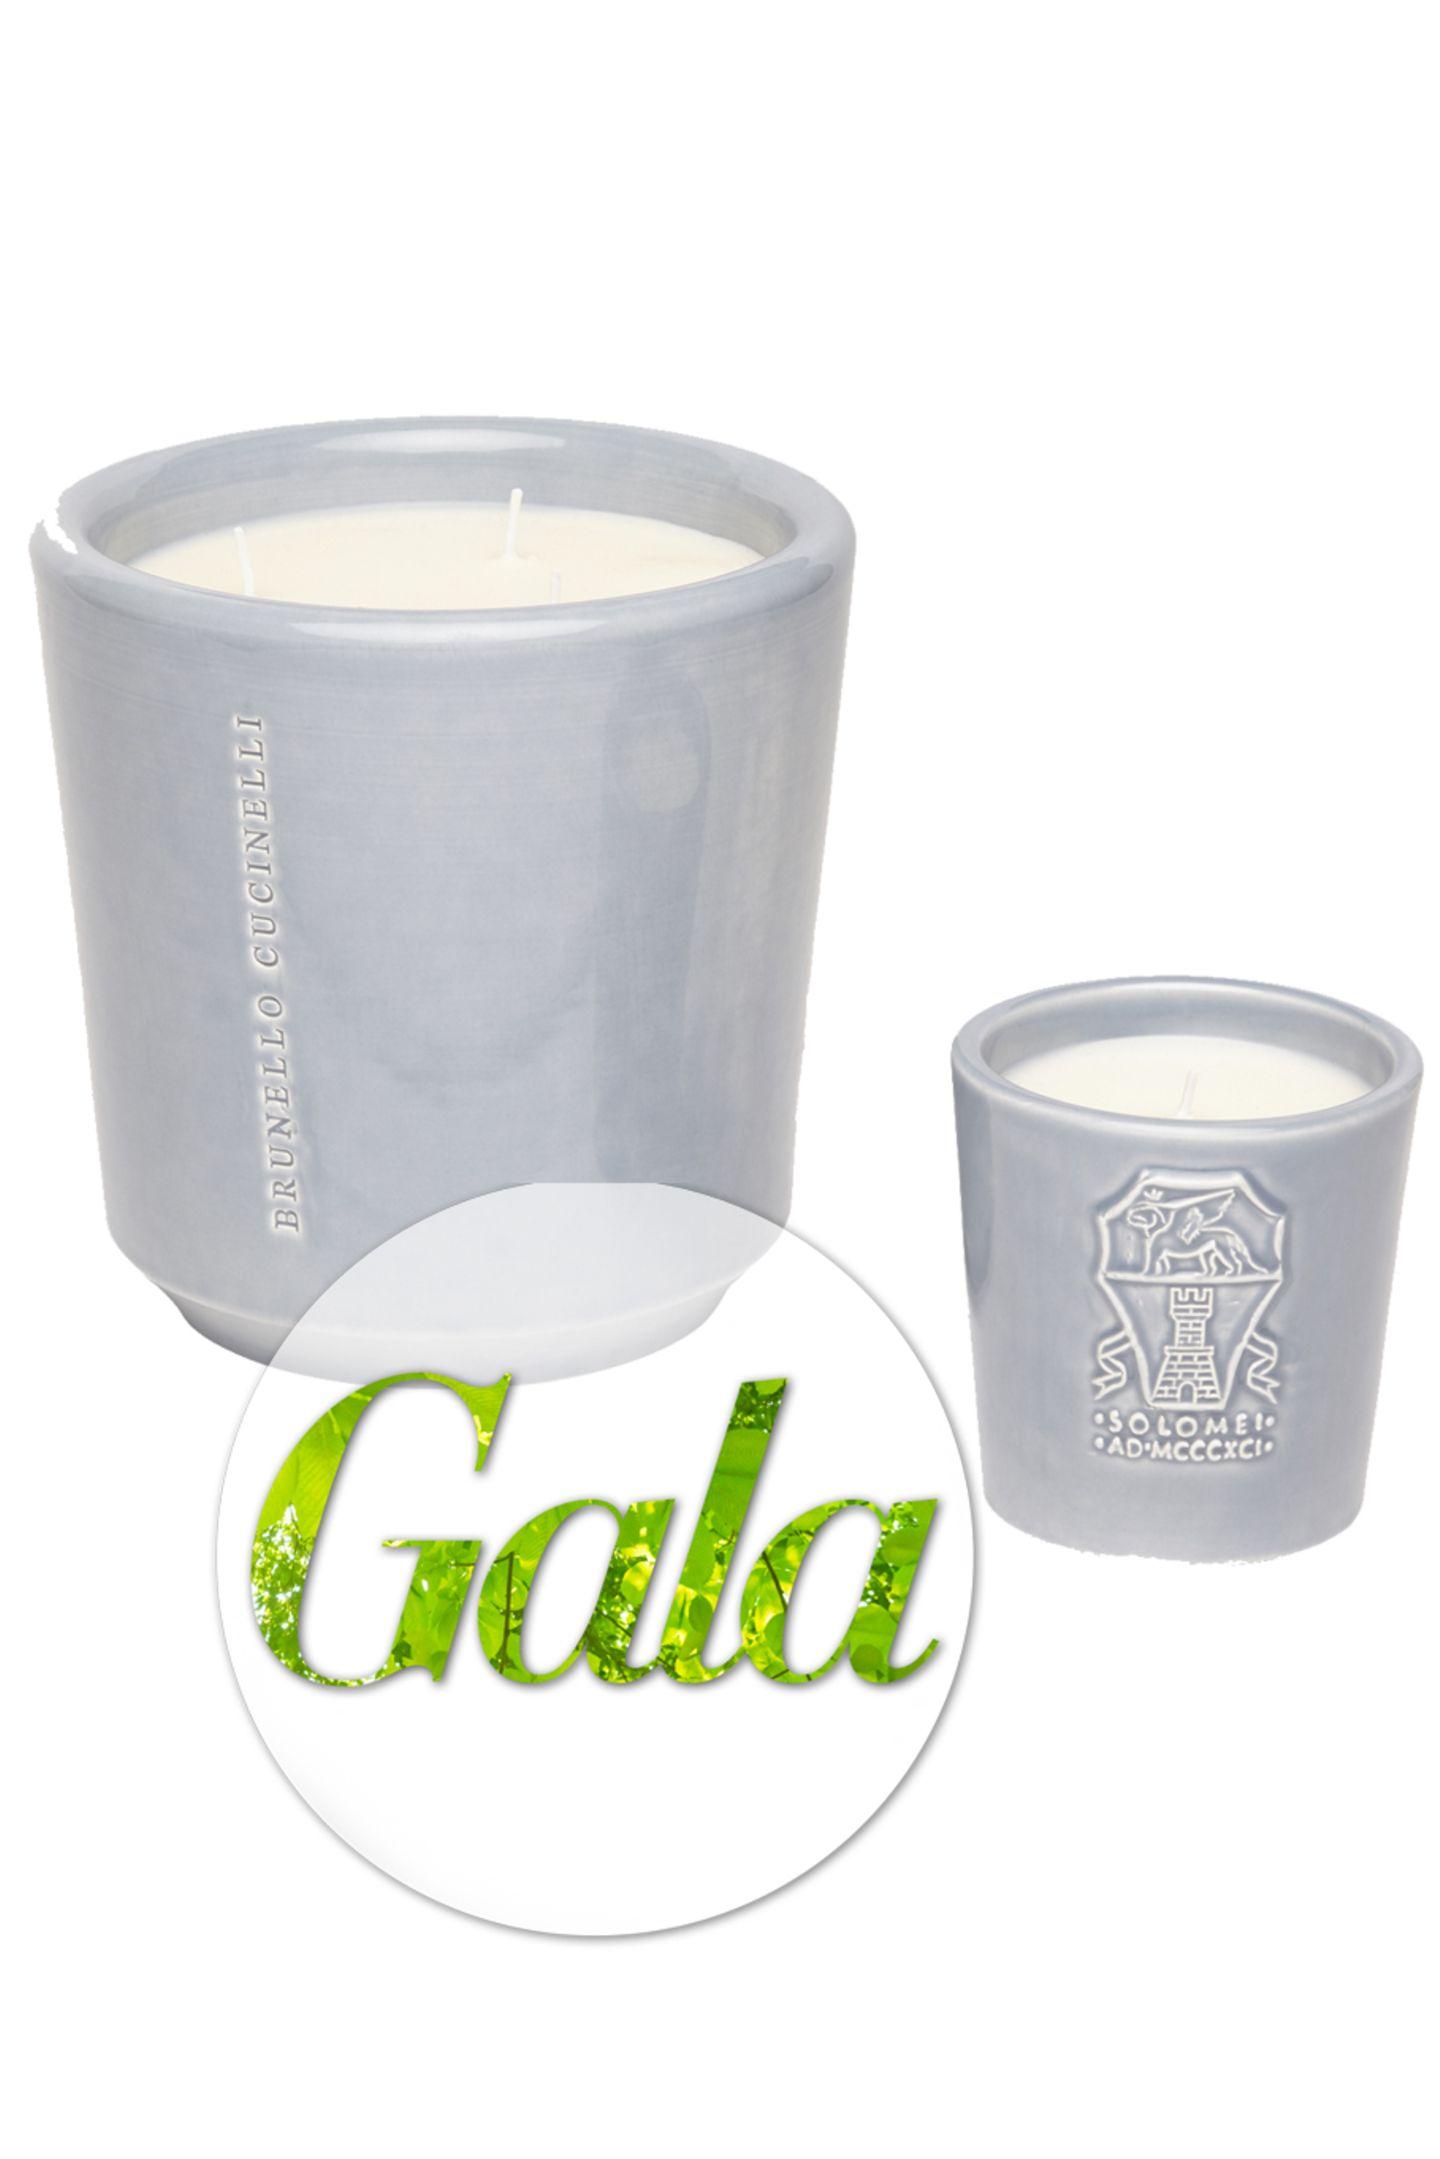 Sorgt für ein romantisches Licht und einen Duft von Ebenholz:Die Kerze von BRUNELLO CUCINELLI besteht aus hydrogeniertem Paraffin, das für die Lebensmittelverwendung zugelassen und frei von Giftstoffen ist. Die Brenndauer der Kerze liegt bei ungefähr 60 Stunden. Der Docht der Kerze ist aus Baumwolle, kostet ca. 120 Euro.